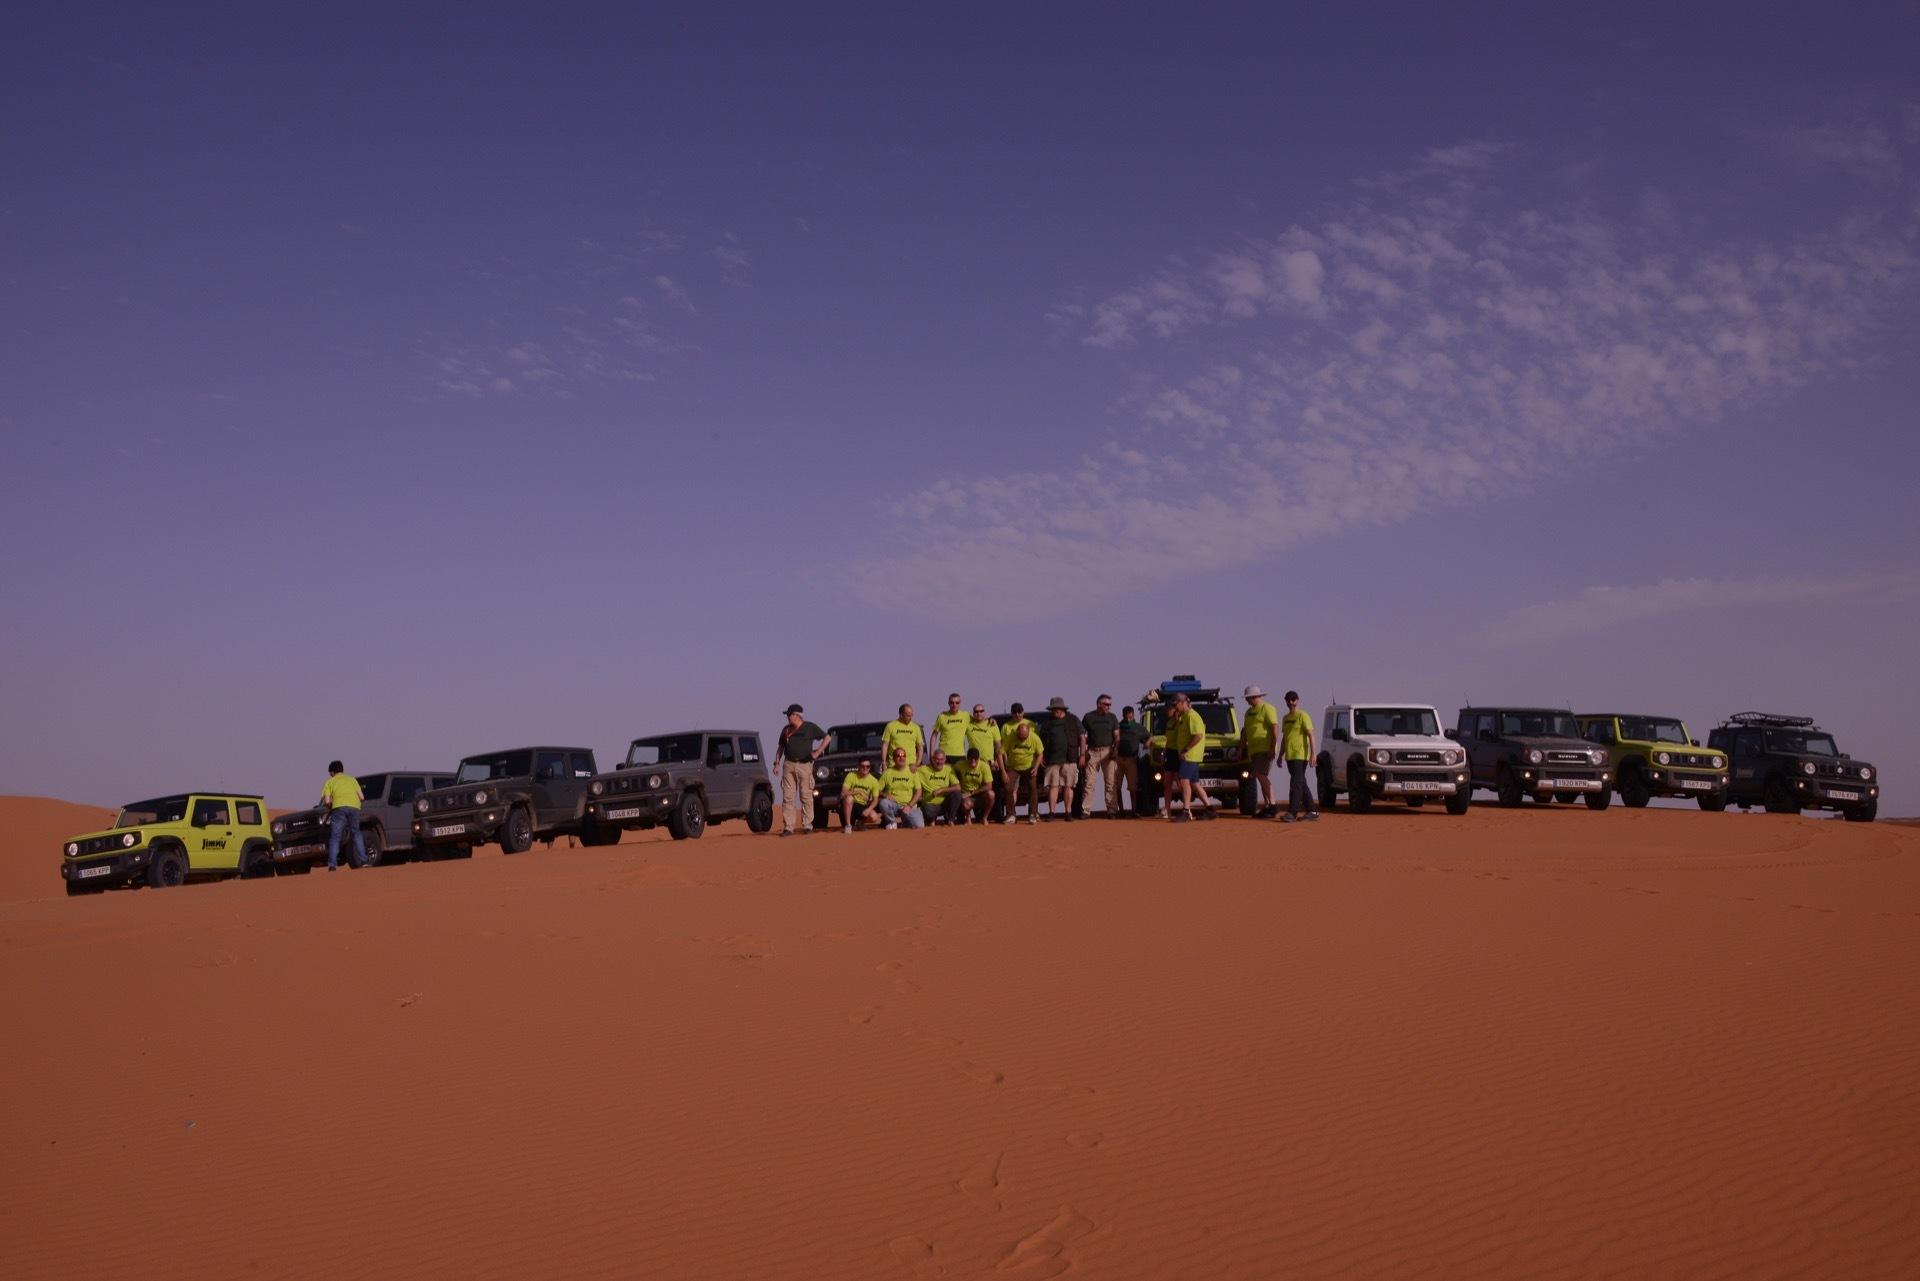 Suzuki Jimny Desert Experience 2019 00130